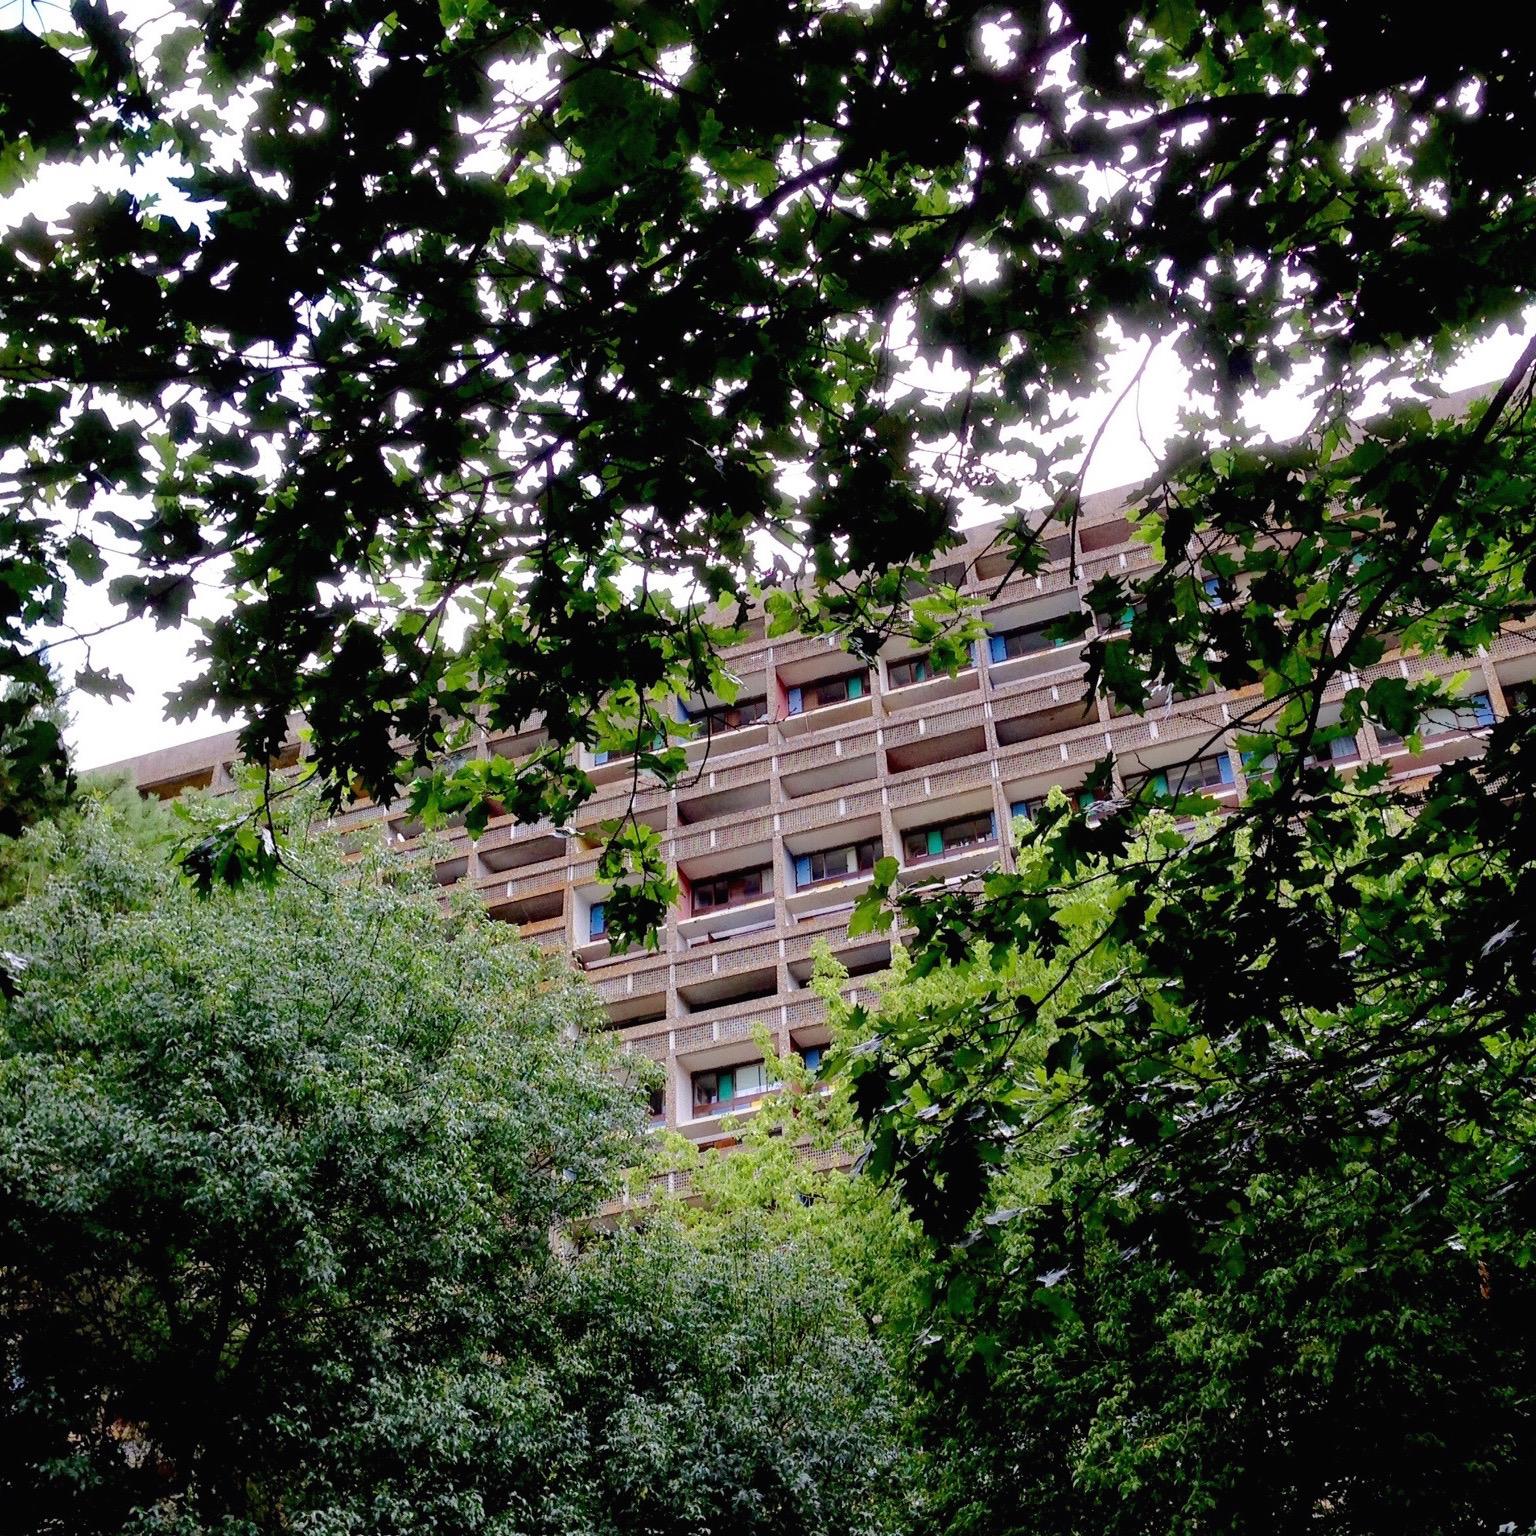 Une vue lointaine de l'édifice, au milieu de la verdure.